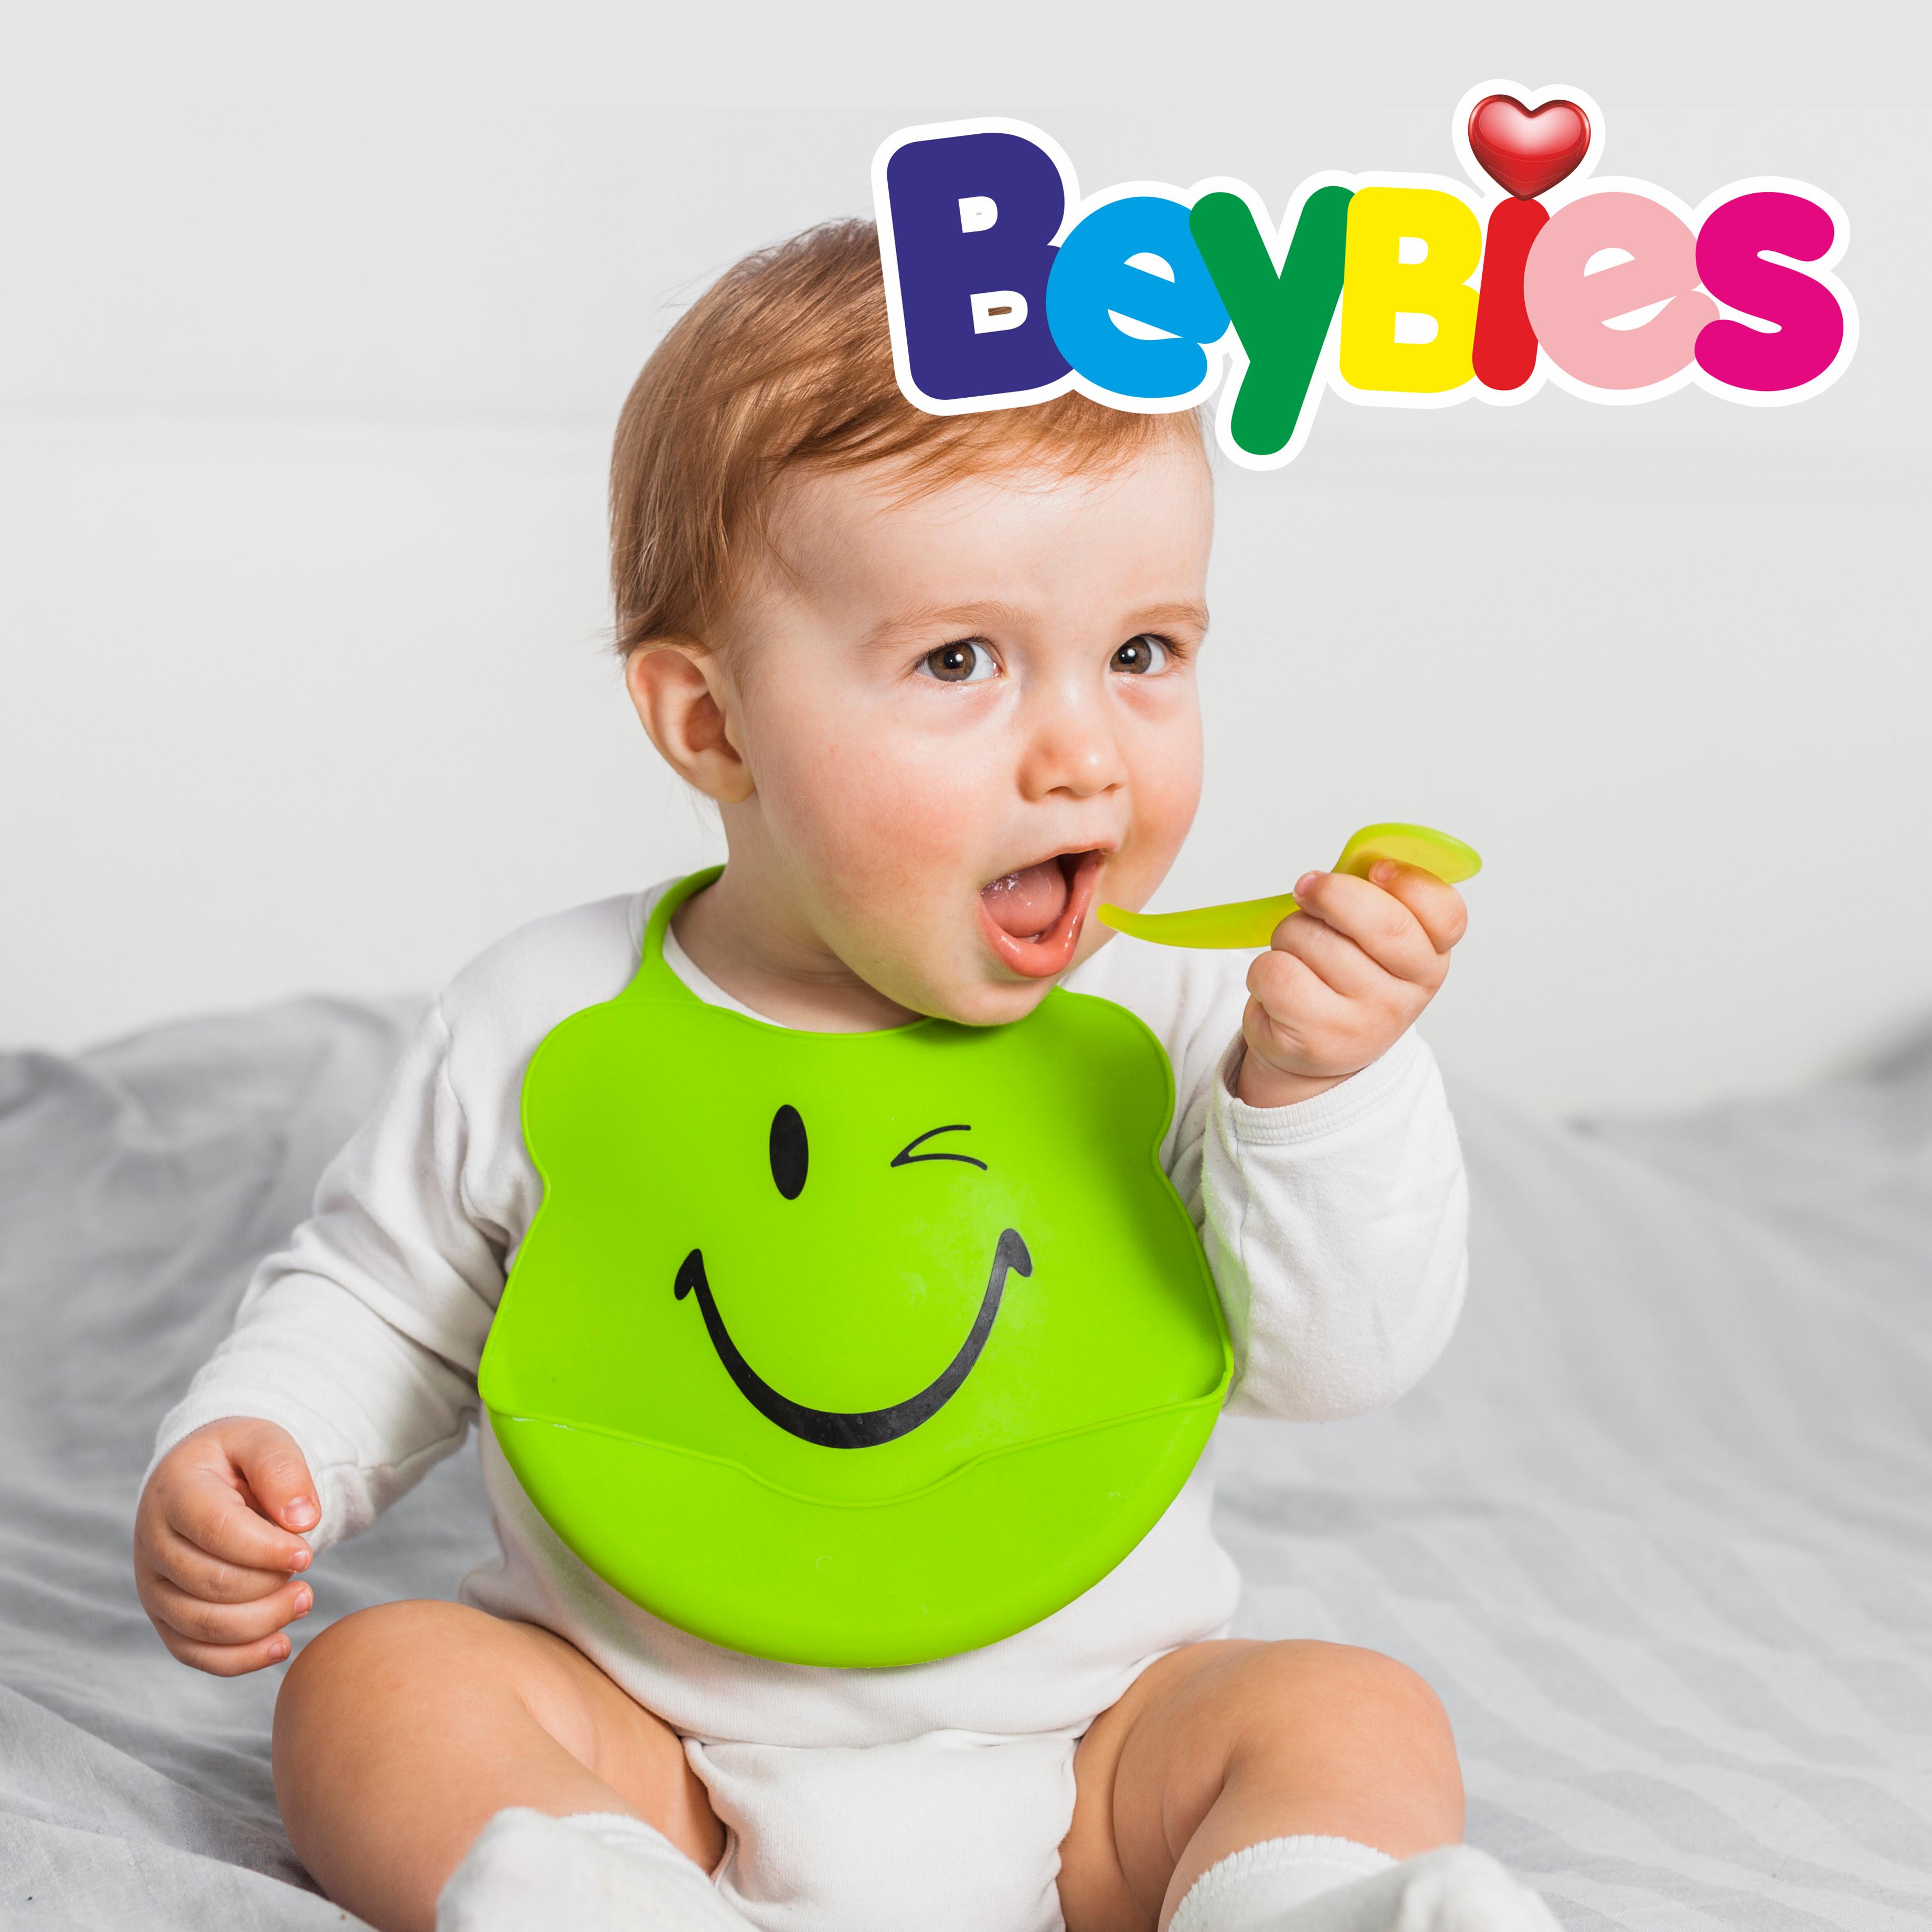 productos beybies